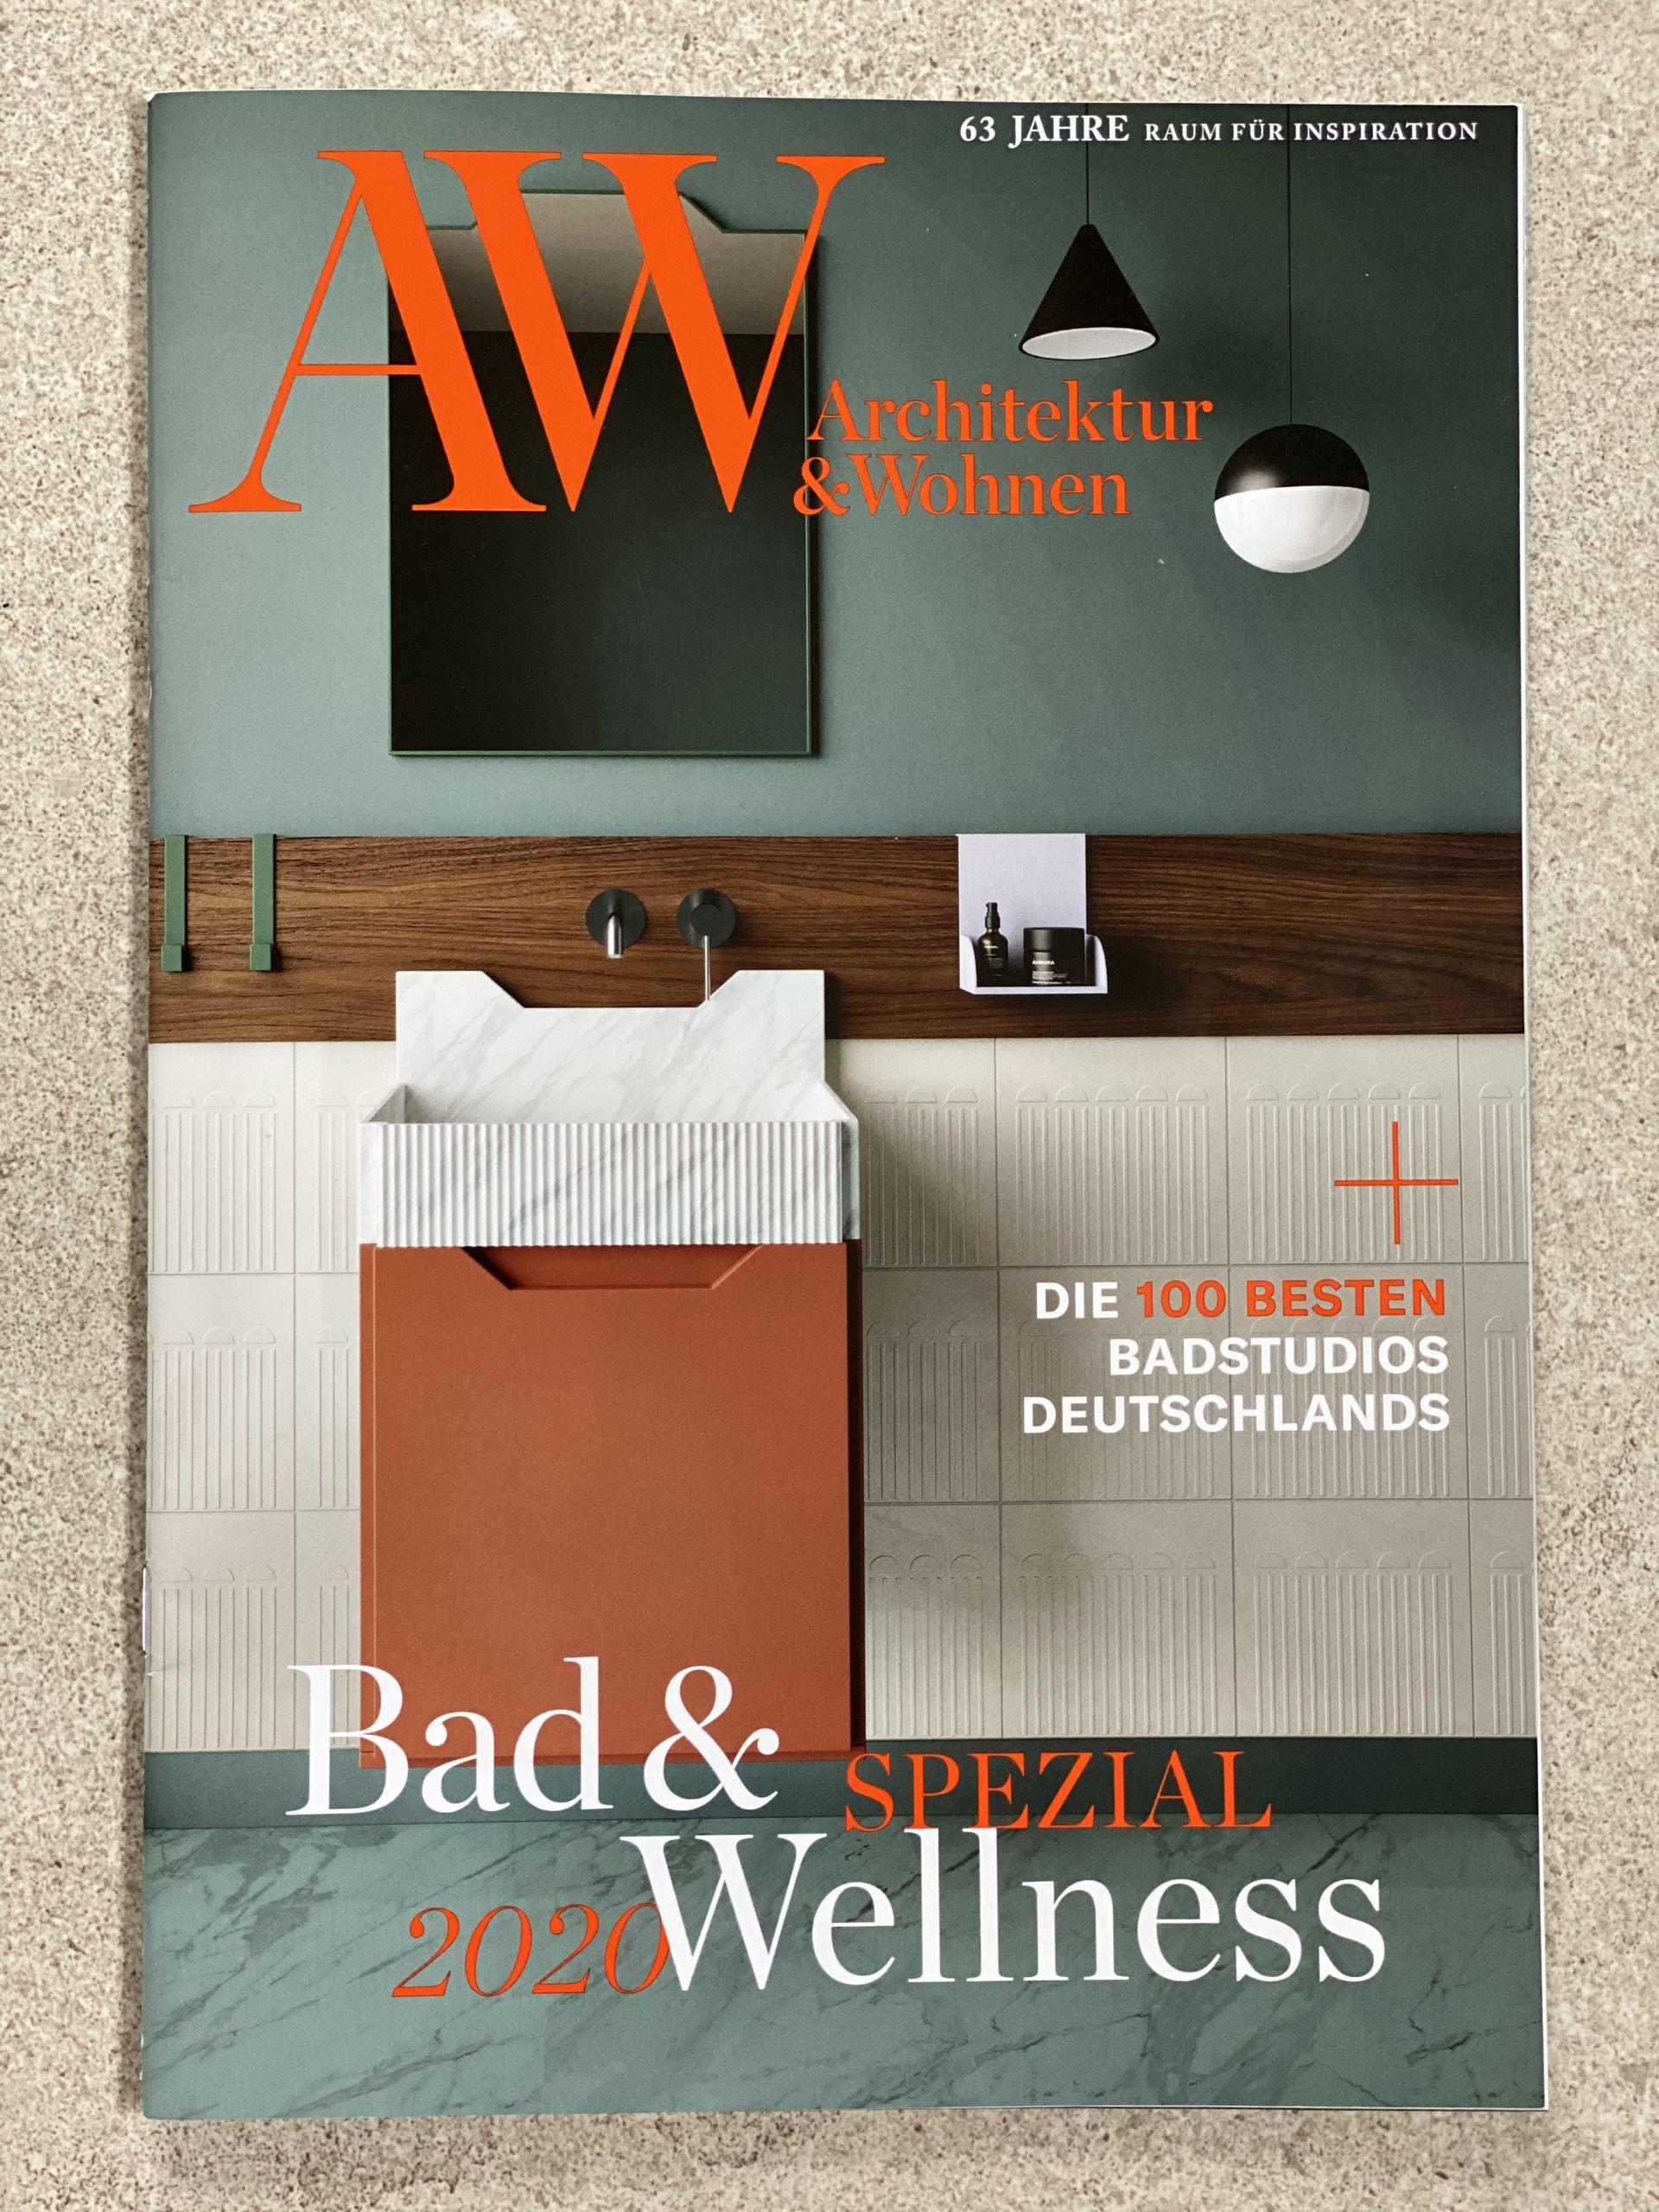 AW Architektur und Wohnen